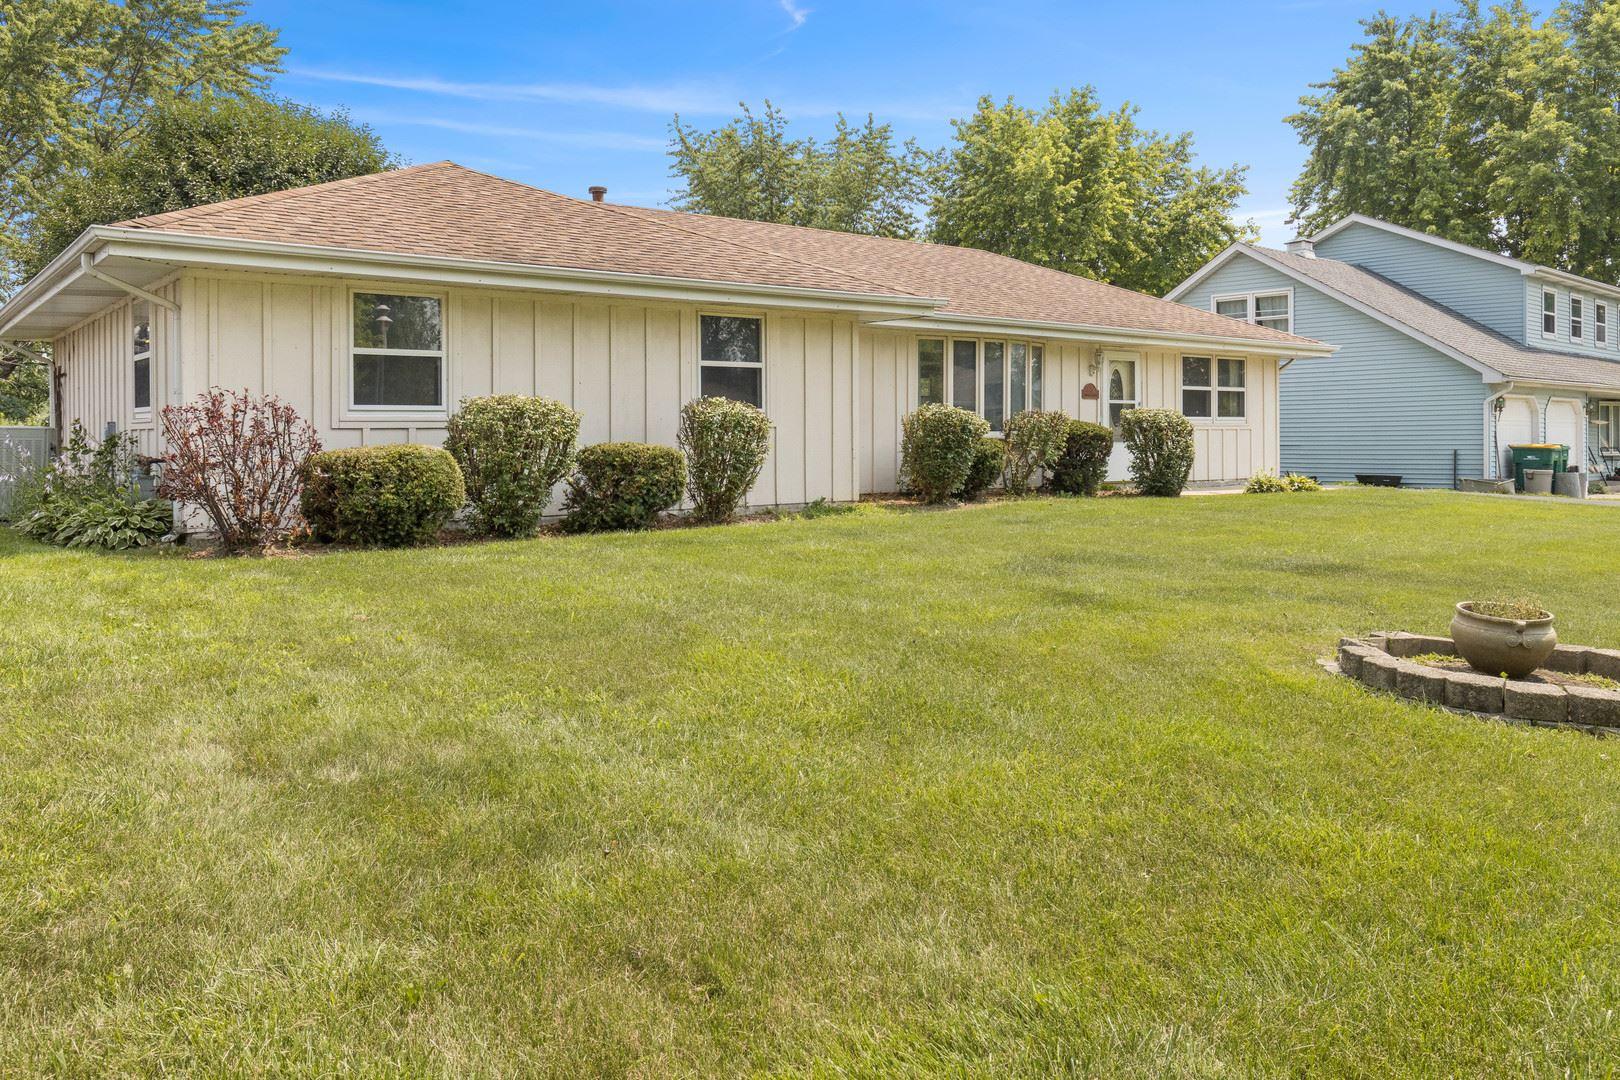 Photo of 3651 Jonathan Simpson Drive, Joliet, IL 60431 (MLS # 11167170)